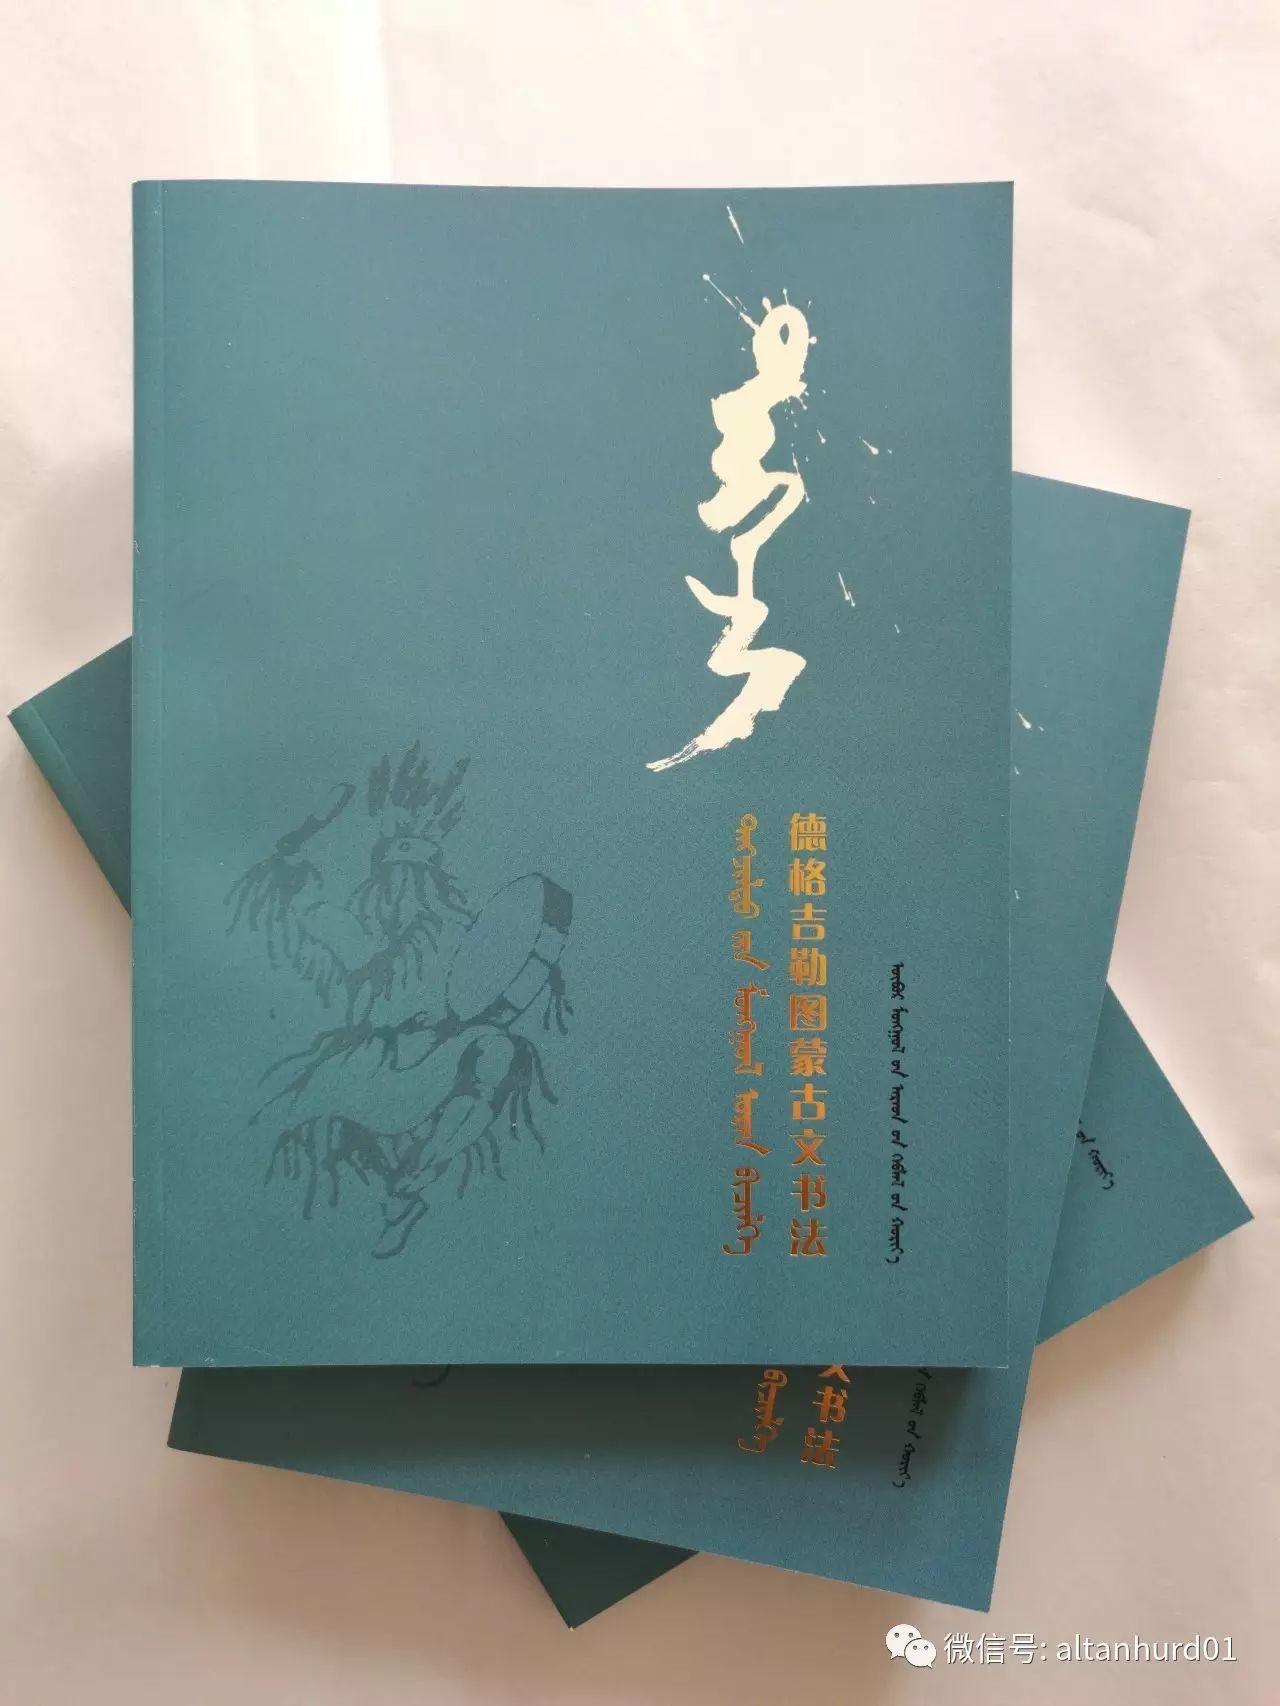 书法家德格吉乐图:只会说写蒙古语文照样活得很幸福很成功|20分钟视频(第三集集) 第20张